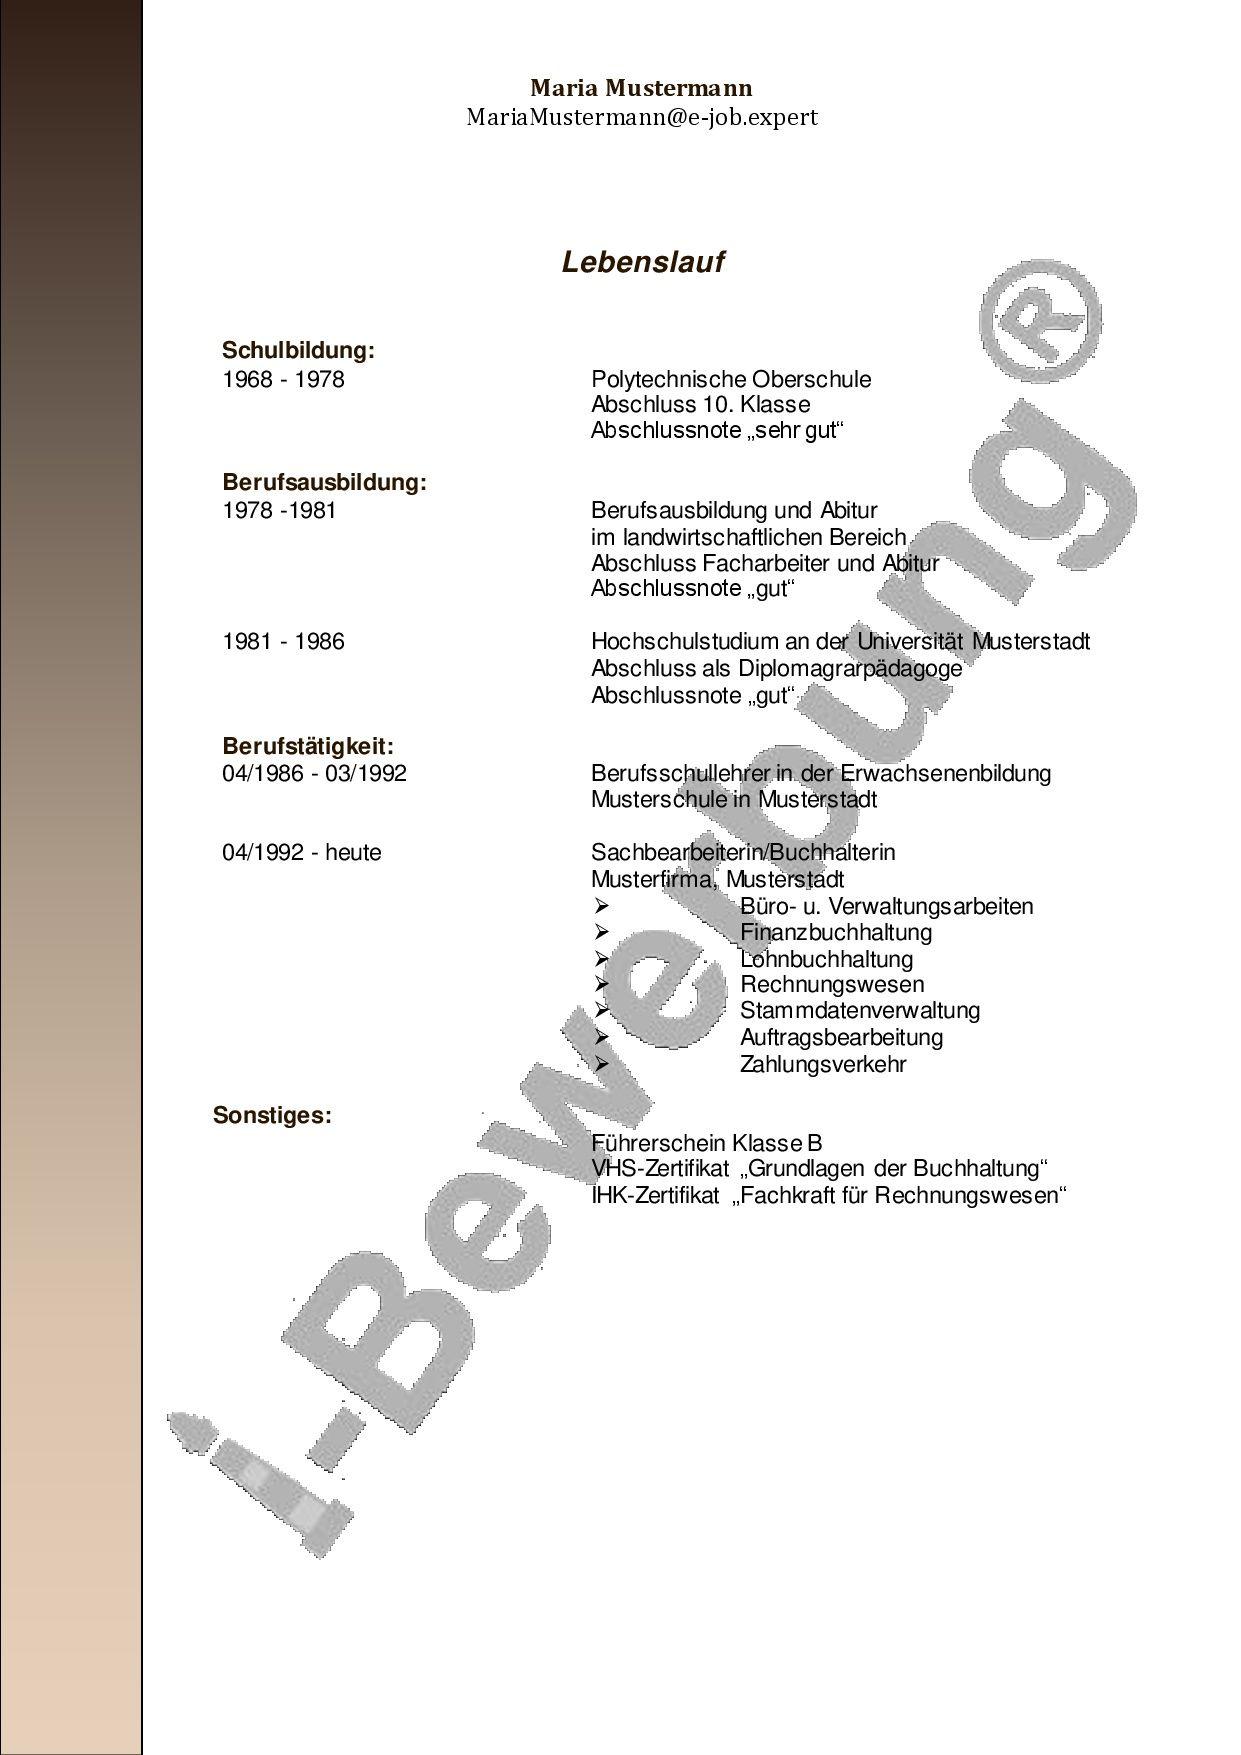 Groß Proforma Lebenslauf Für Buchhalter Bilder - Entry Level Resume ...